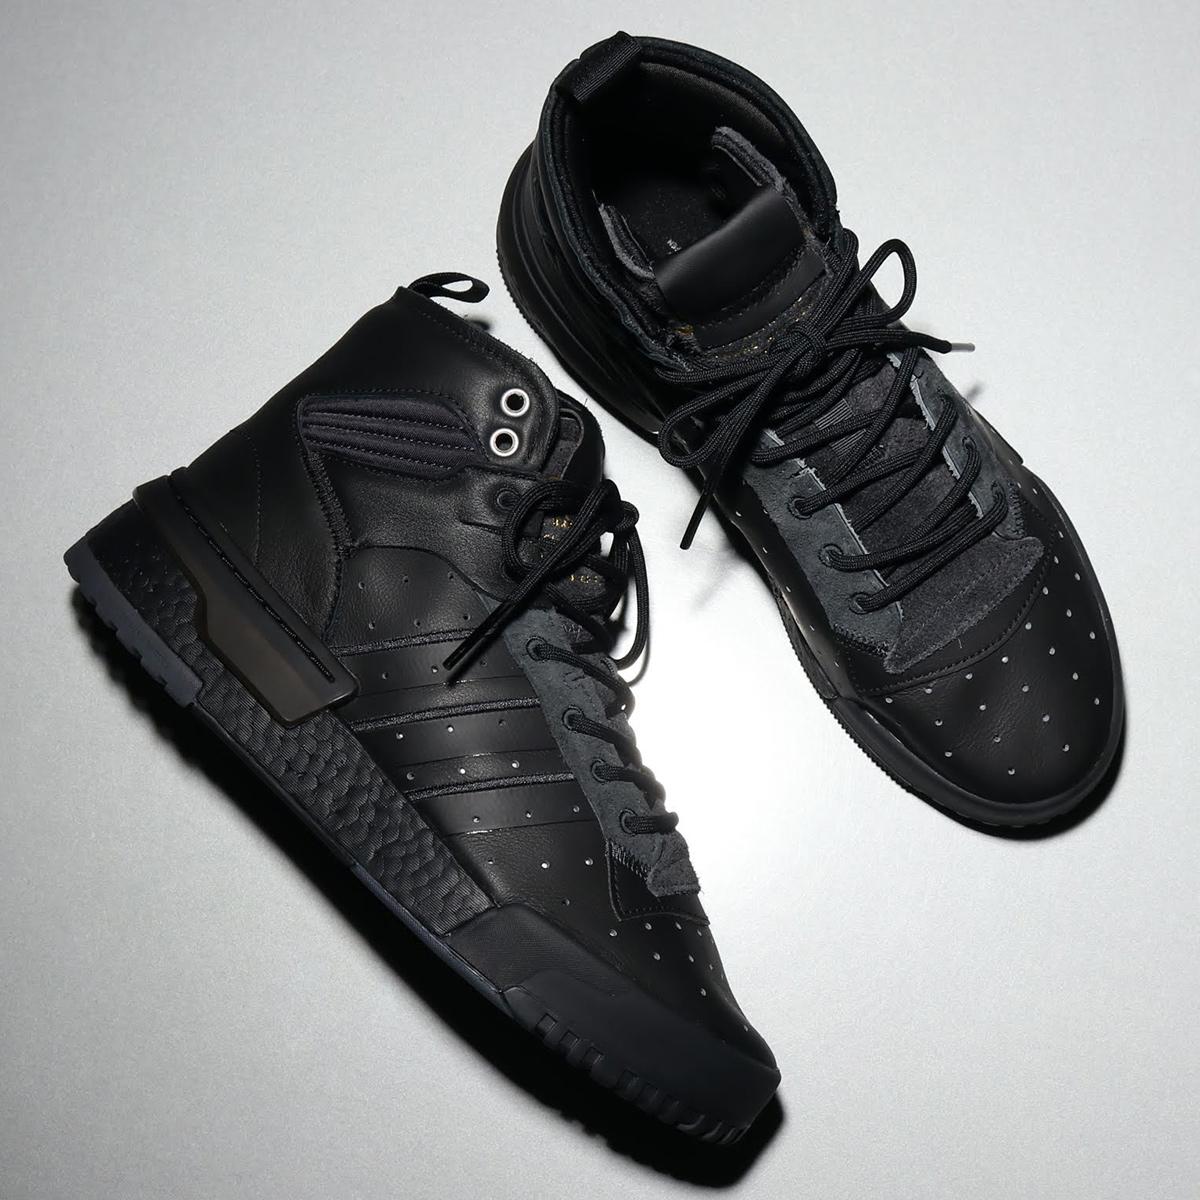 adidas Originals RIVLRY RM(アディダスオリジナルス ライバルリー RM)CORE BLACK/CARBON/GREY SIX【メンズ レディース スニーカー】19SS-S